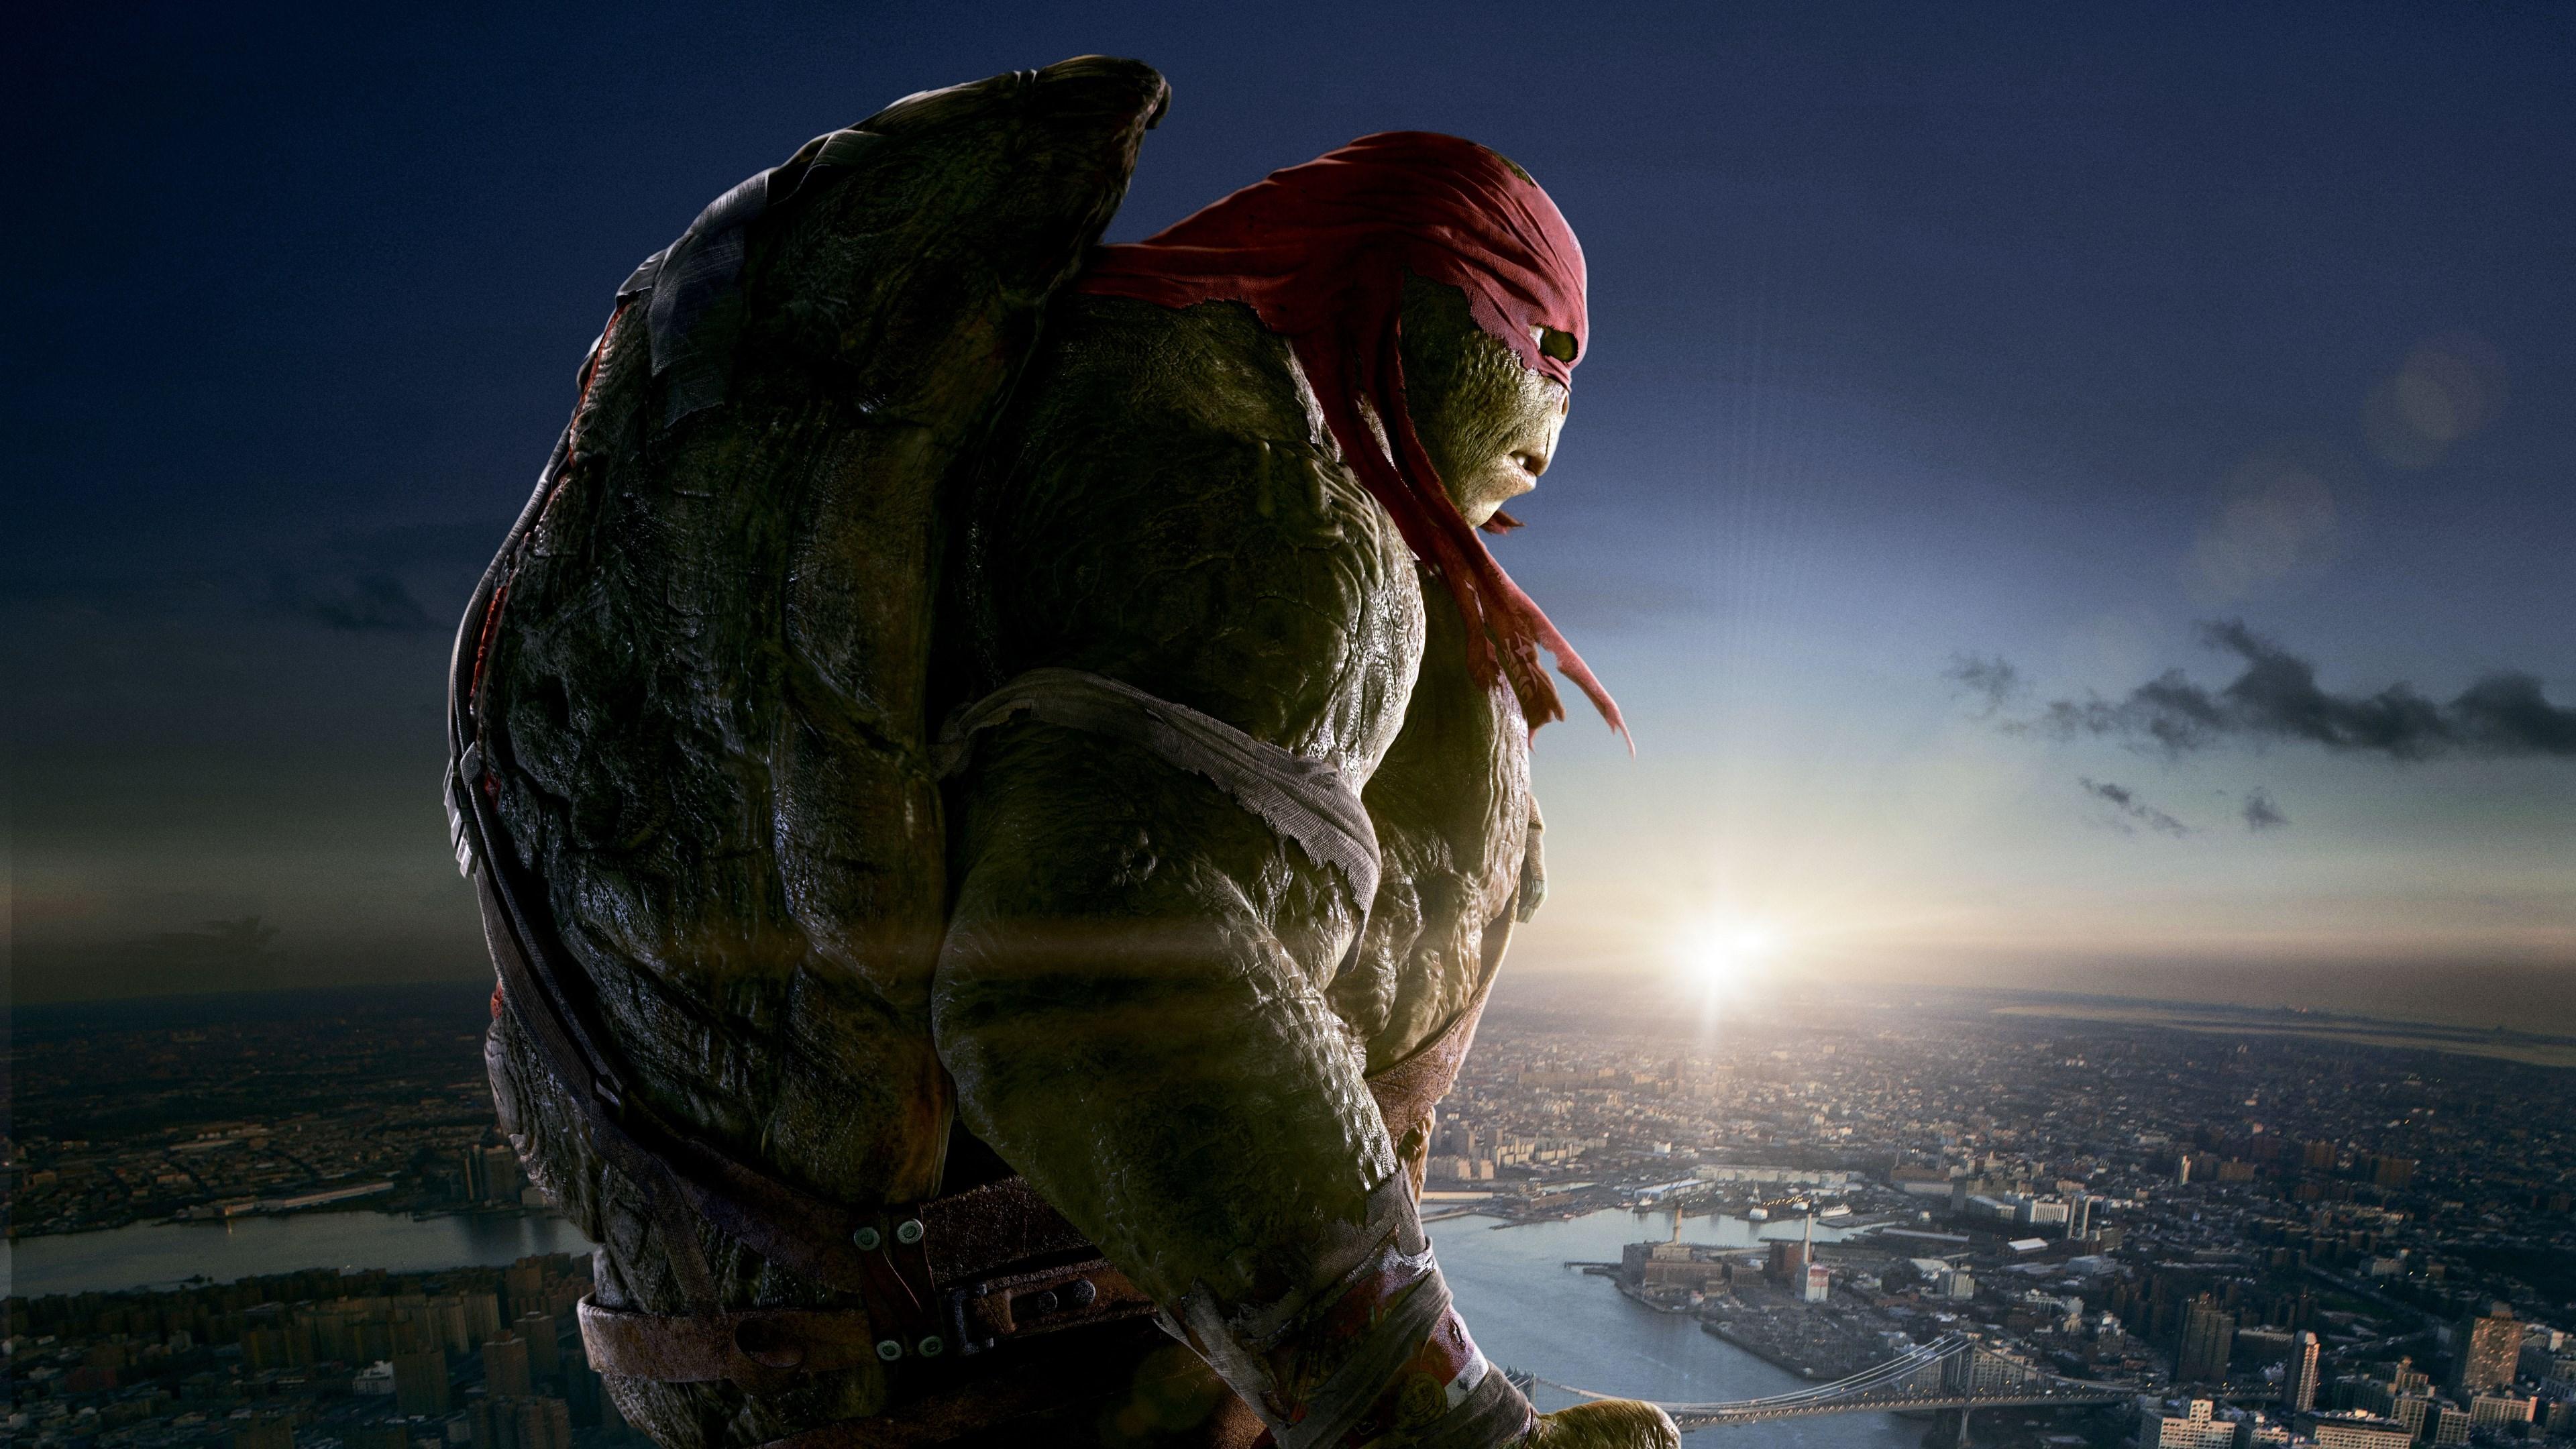 raphael teenage mutant ninja turtles 1536363828 - Raphael Teenage Mutant Ninja Turtles - teenage mutant ninja turtles wallpapers, ninja turtle wallpapers, movies wallpapers